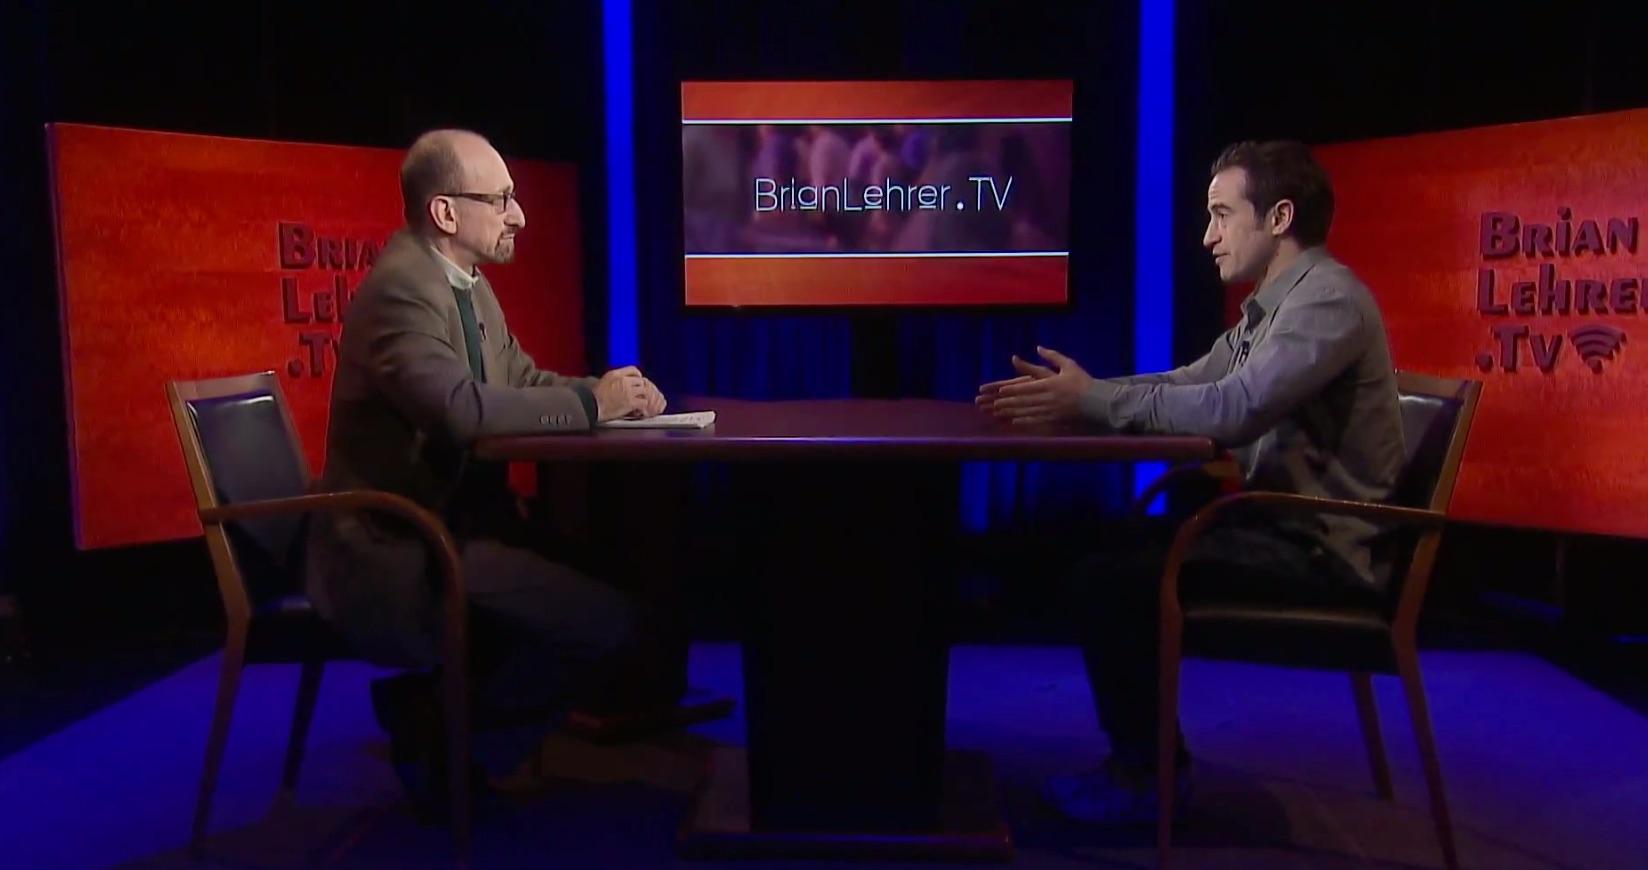 BrianLehrer.tv